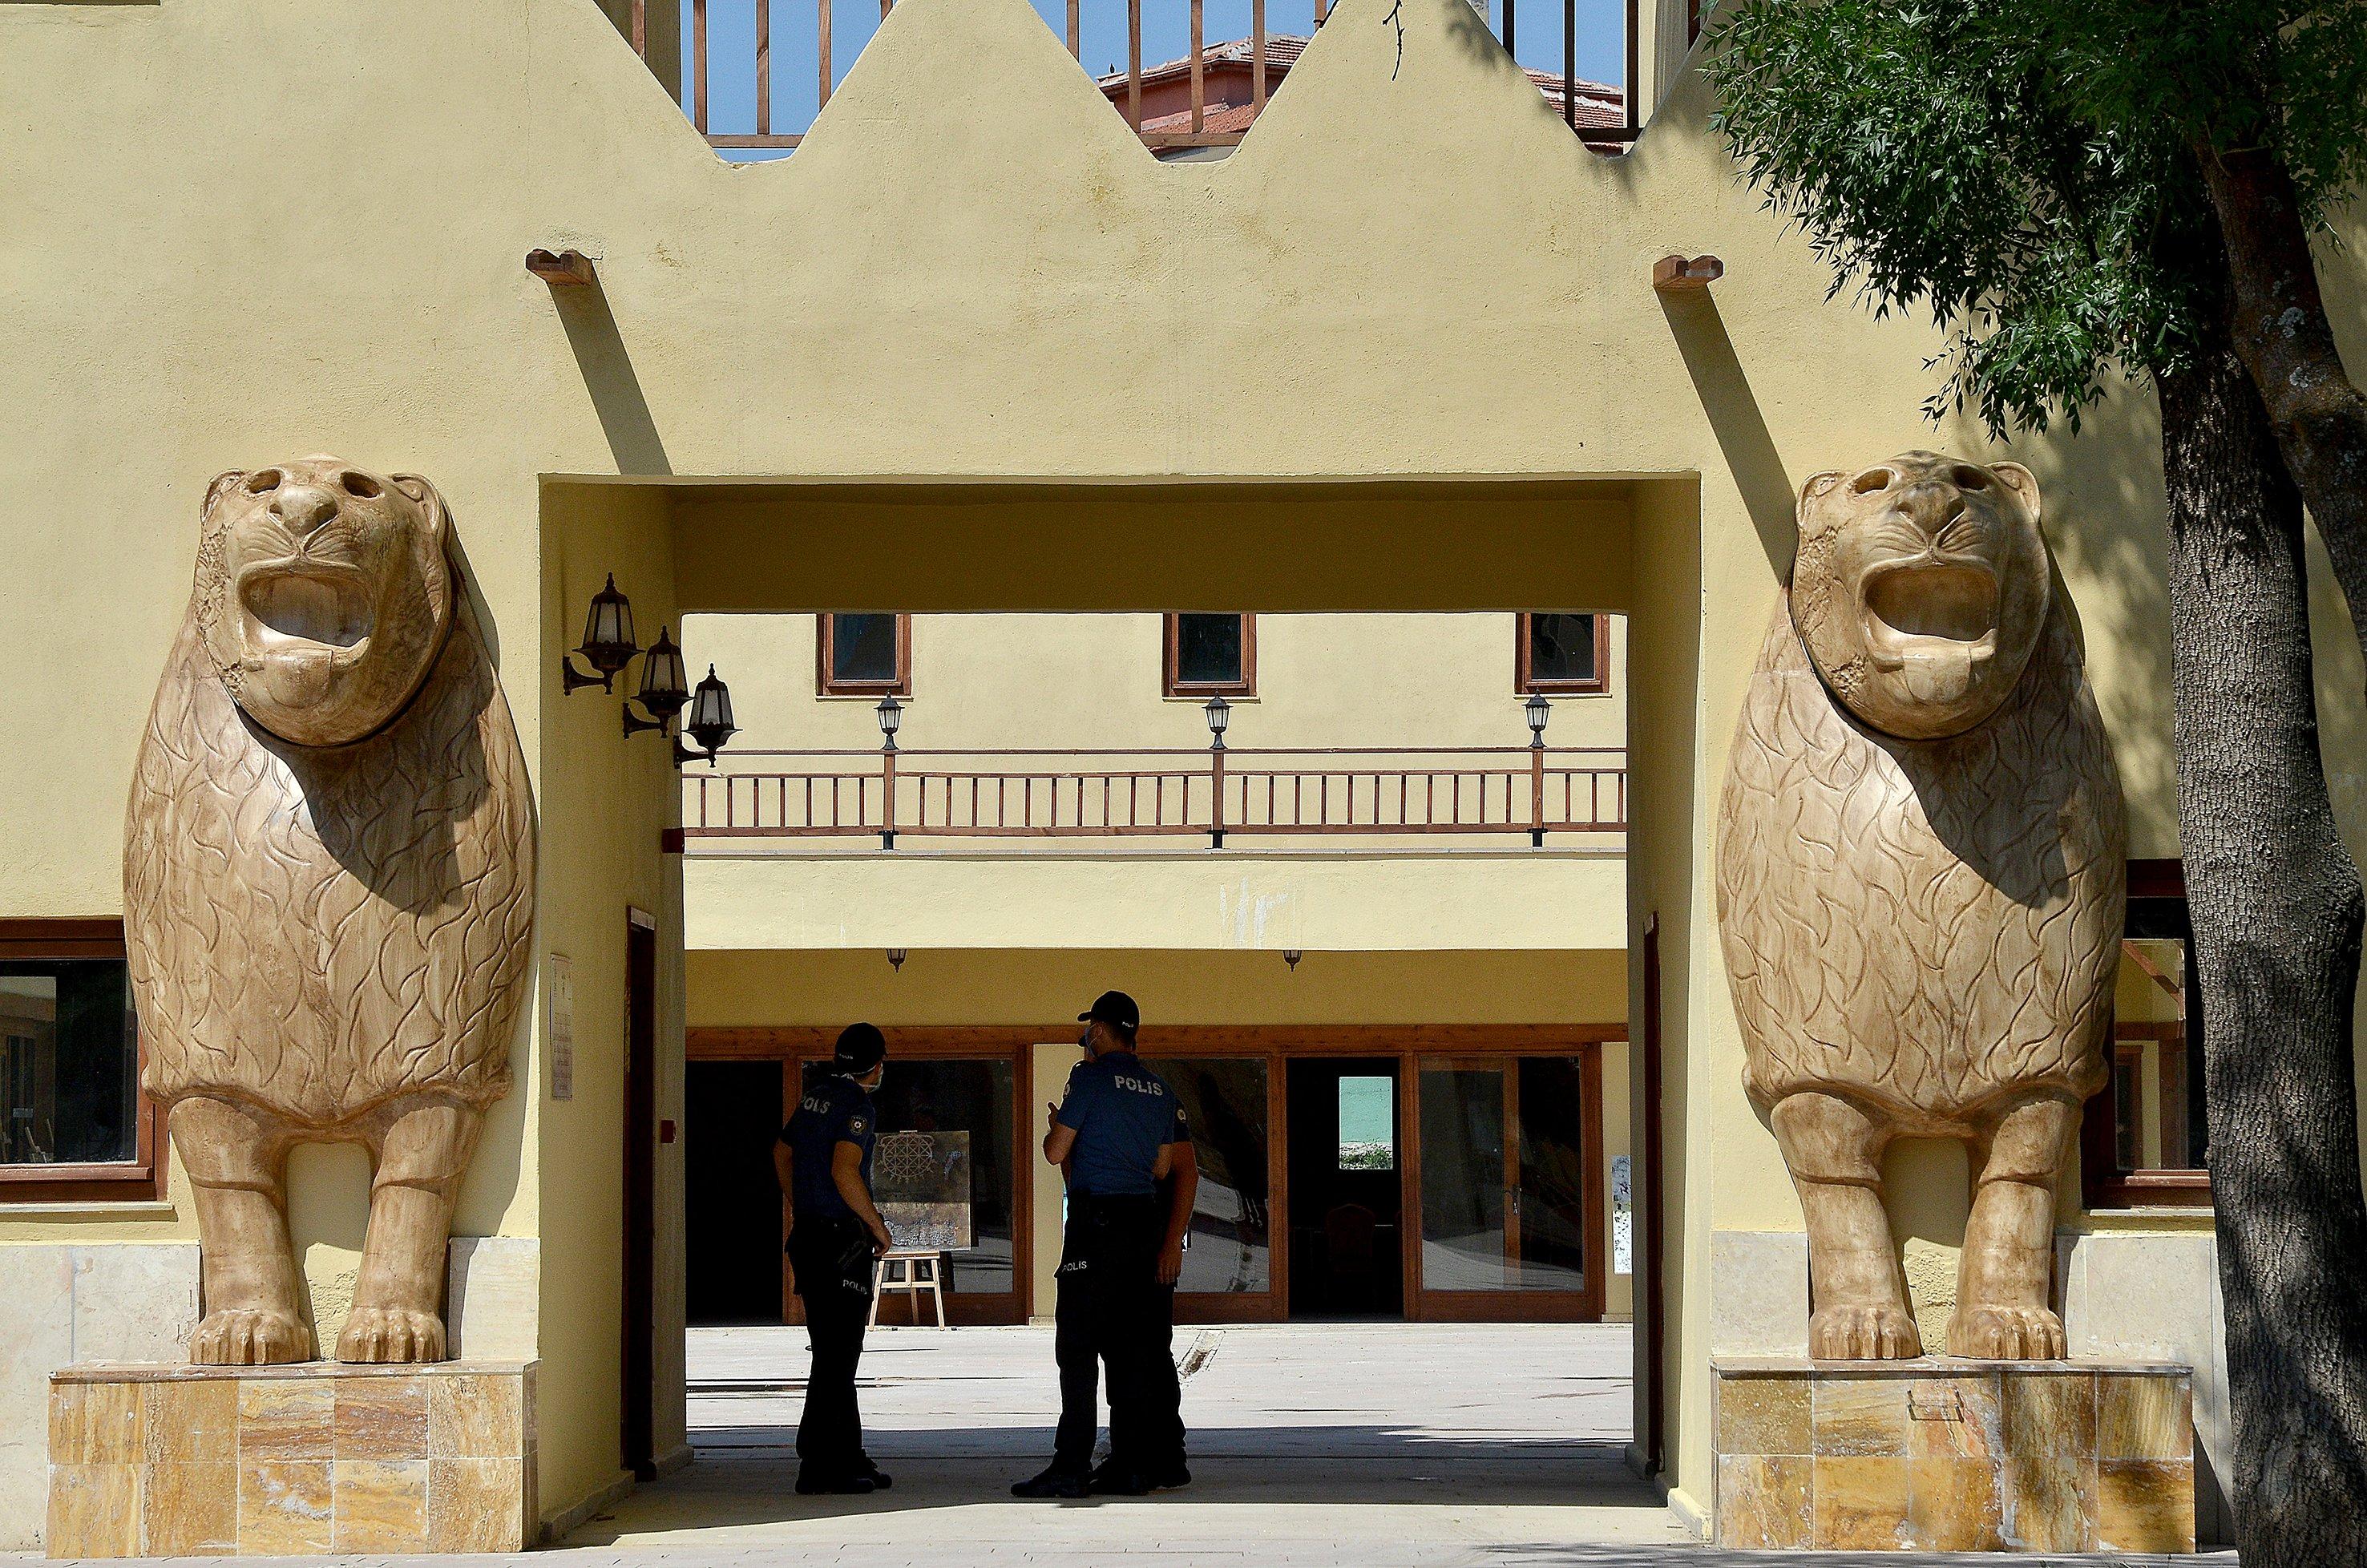 La porte d'entrée du village hittite ornée de statues de lion des deux côtés est visible sur cette photo fournie le 8 juillet 2020. (PHOTO AA)